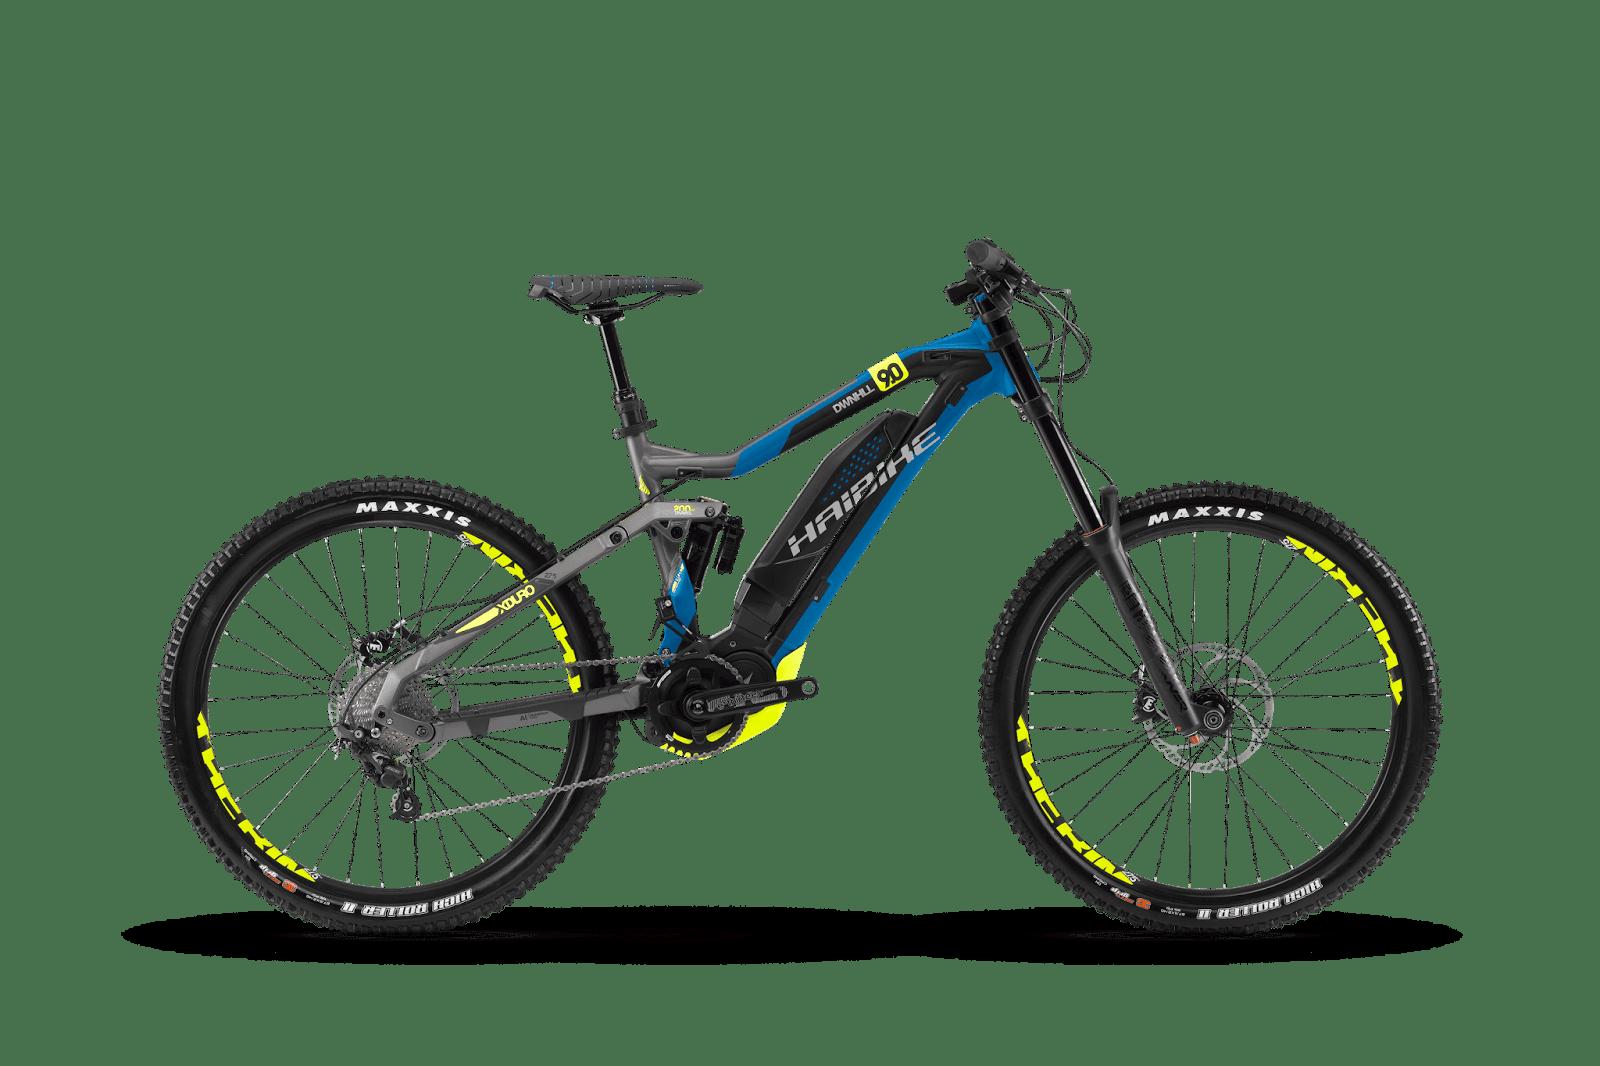 New Haibike Xduro Dwnhll 9 0 Electric Bike